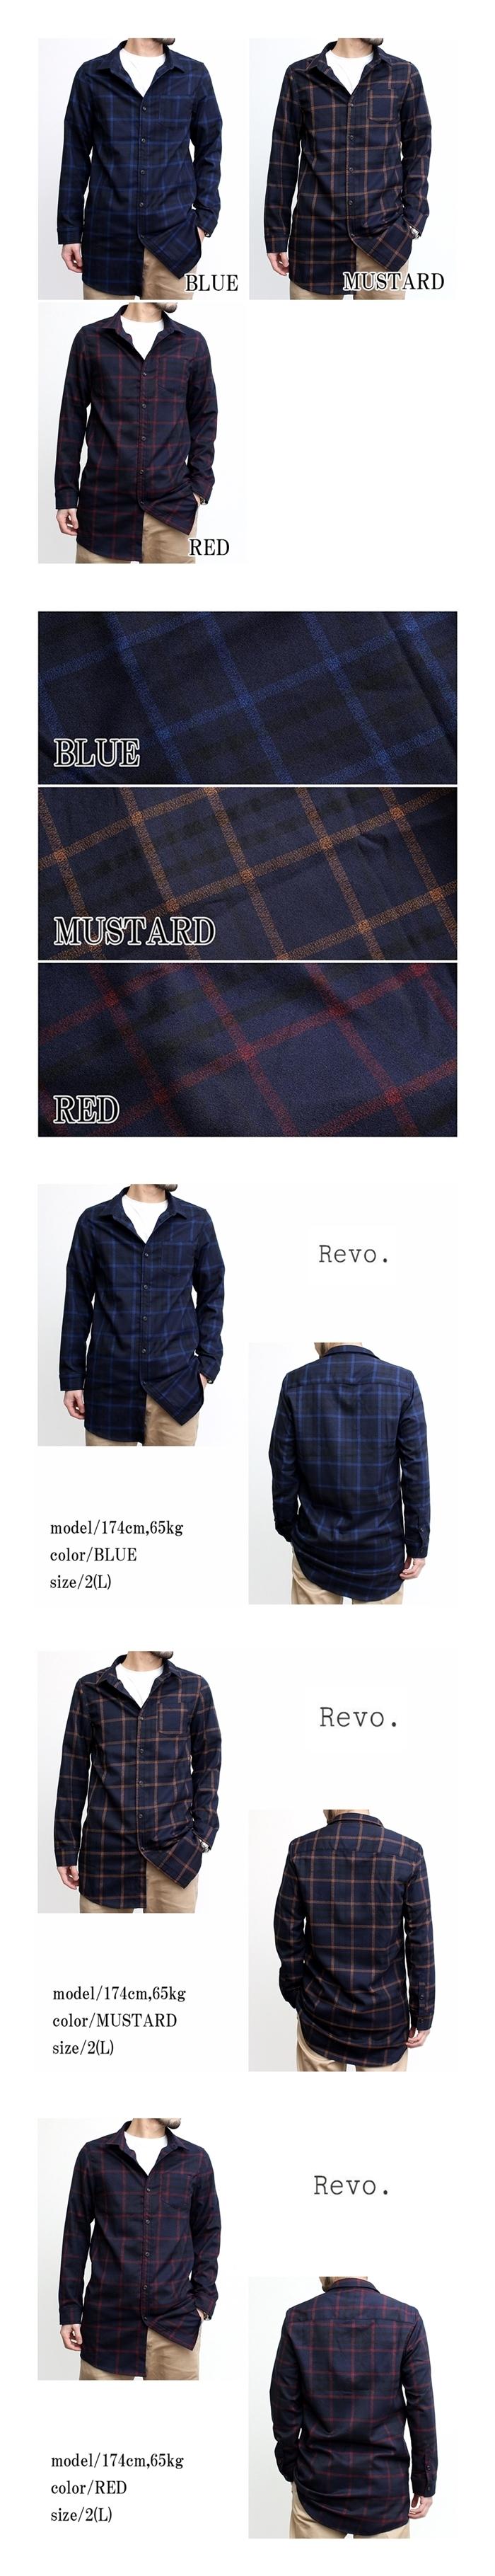 2017-03-06 チェック柄ストレッチロングシャツ レヴォ Revo 10-vert